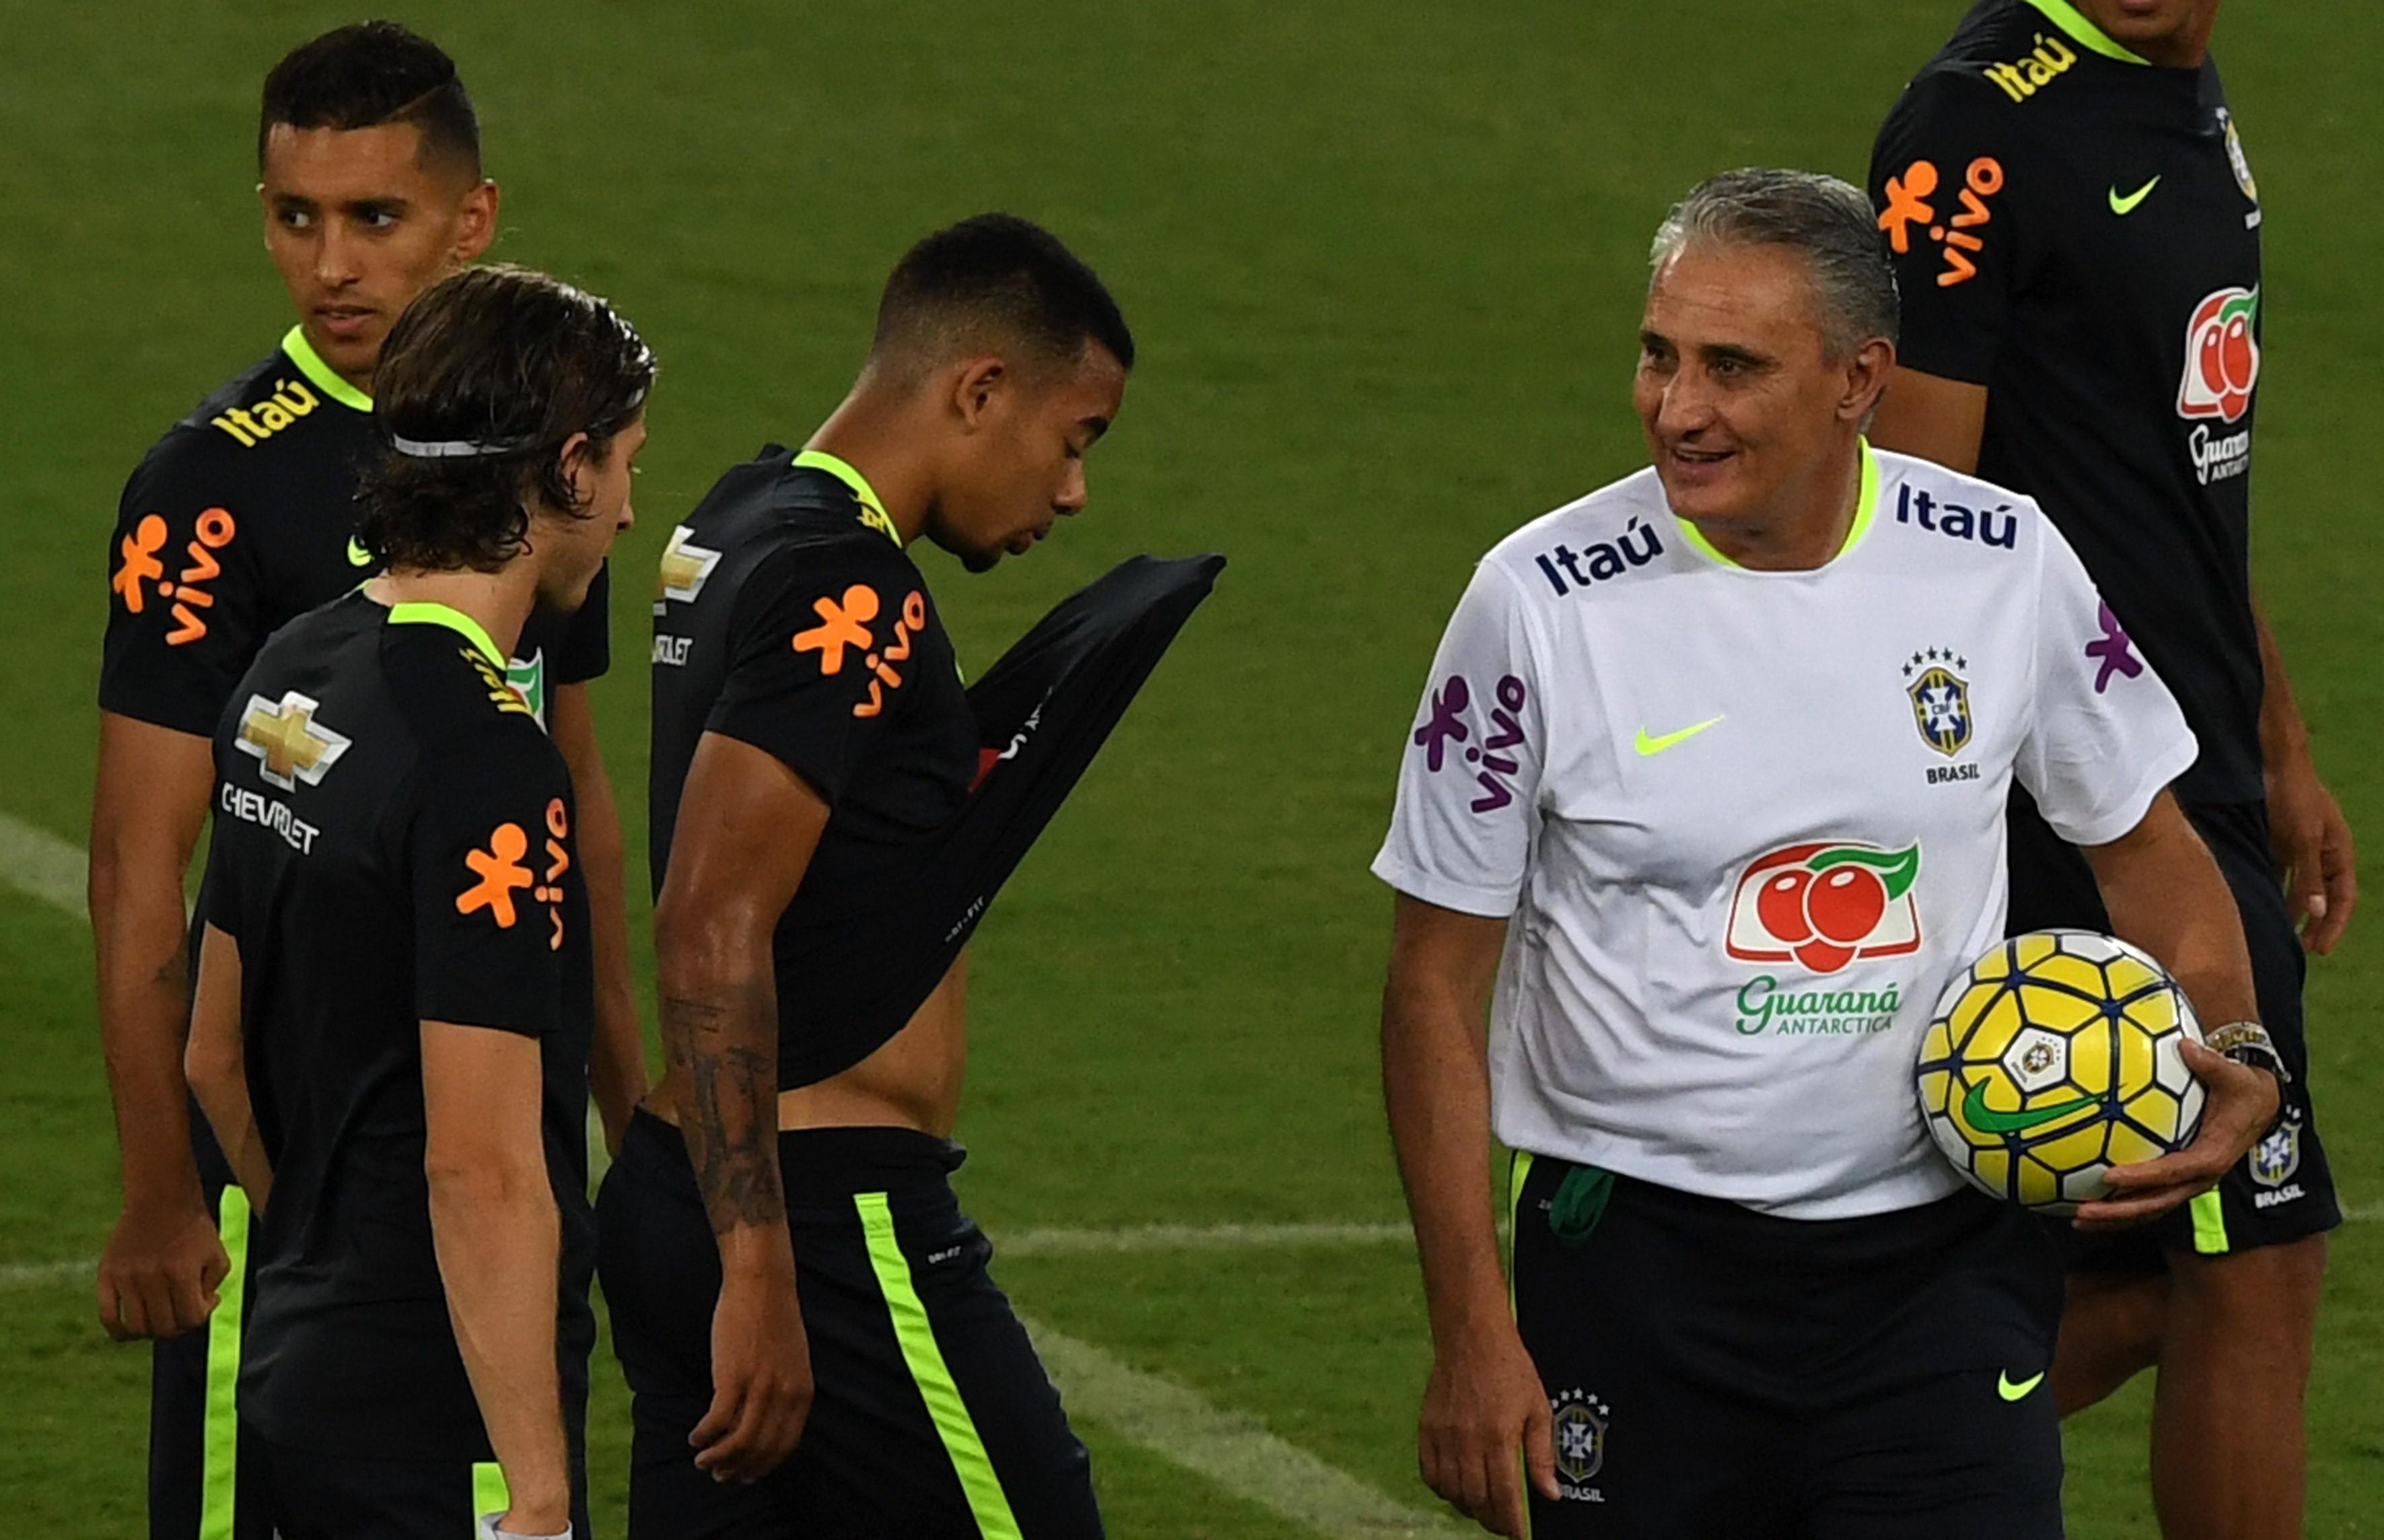 Тите и сборная Бразилии